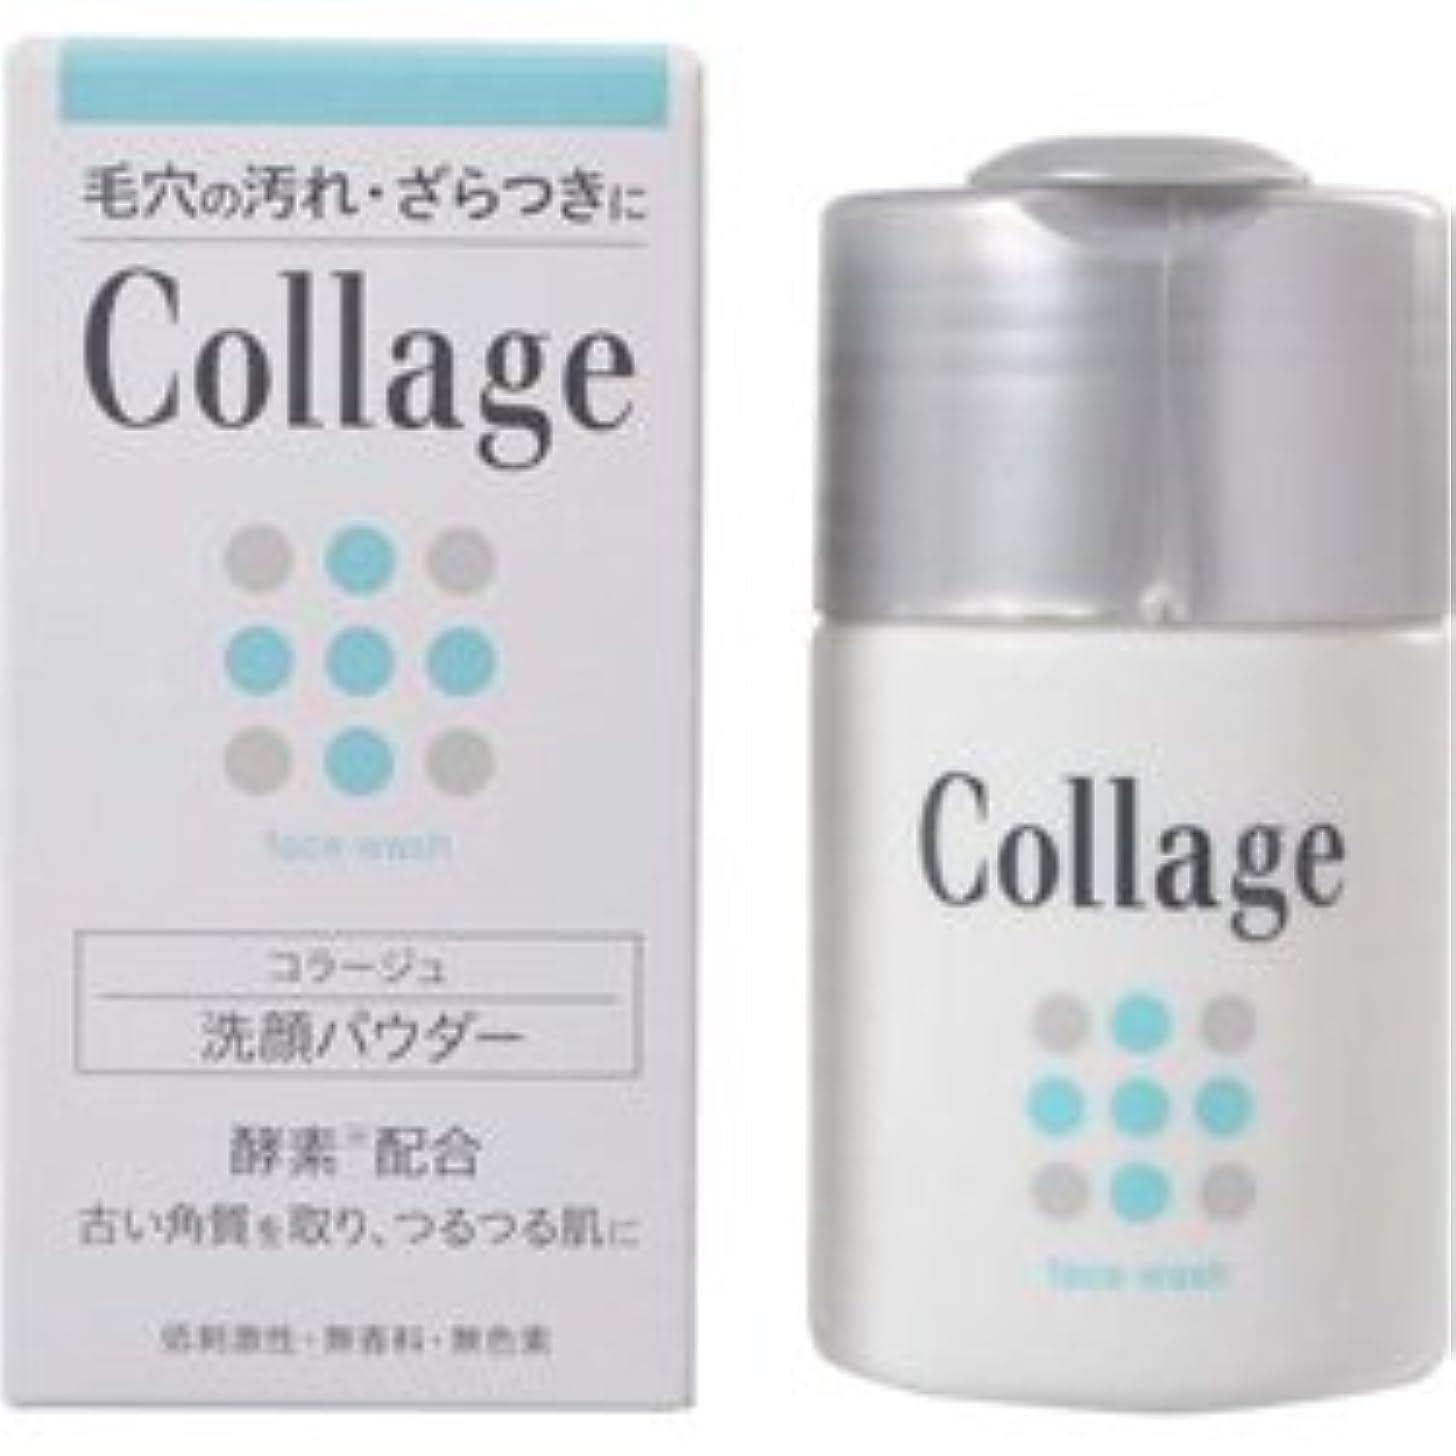 猛烈なシンプルなアレンジ【持田ヘルスケア】 コラージュ洗顔パウダー 40g ×5個セット